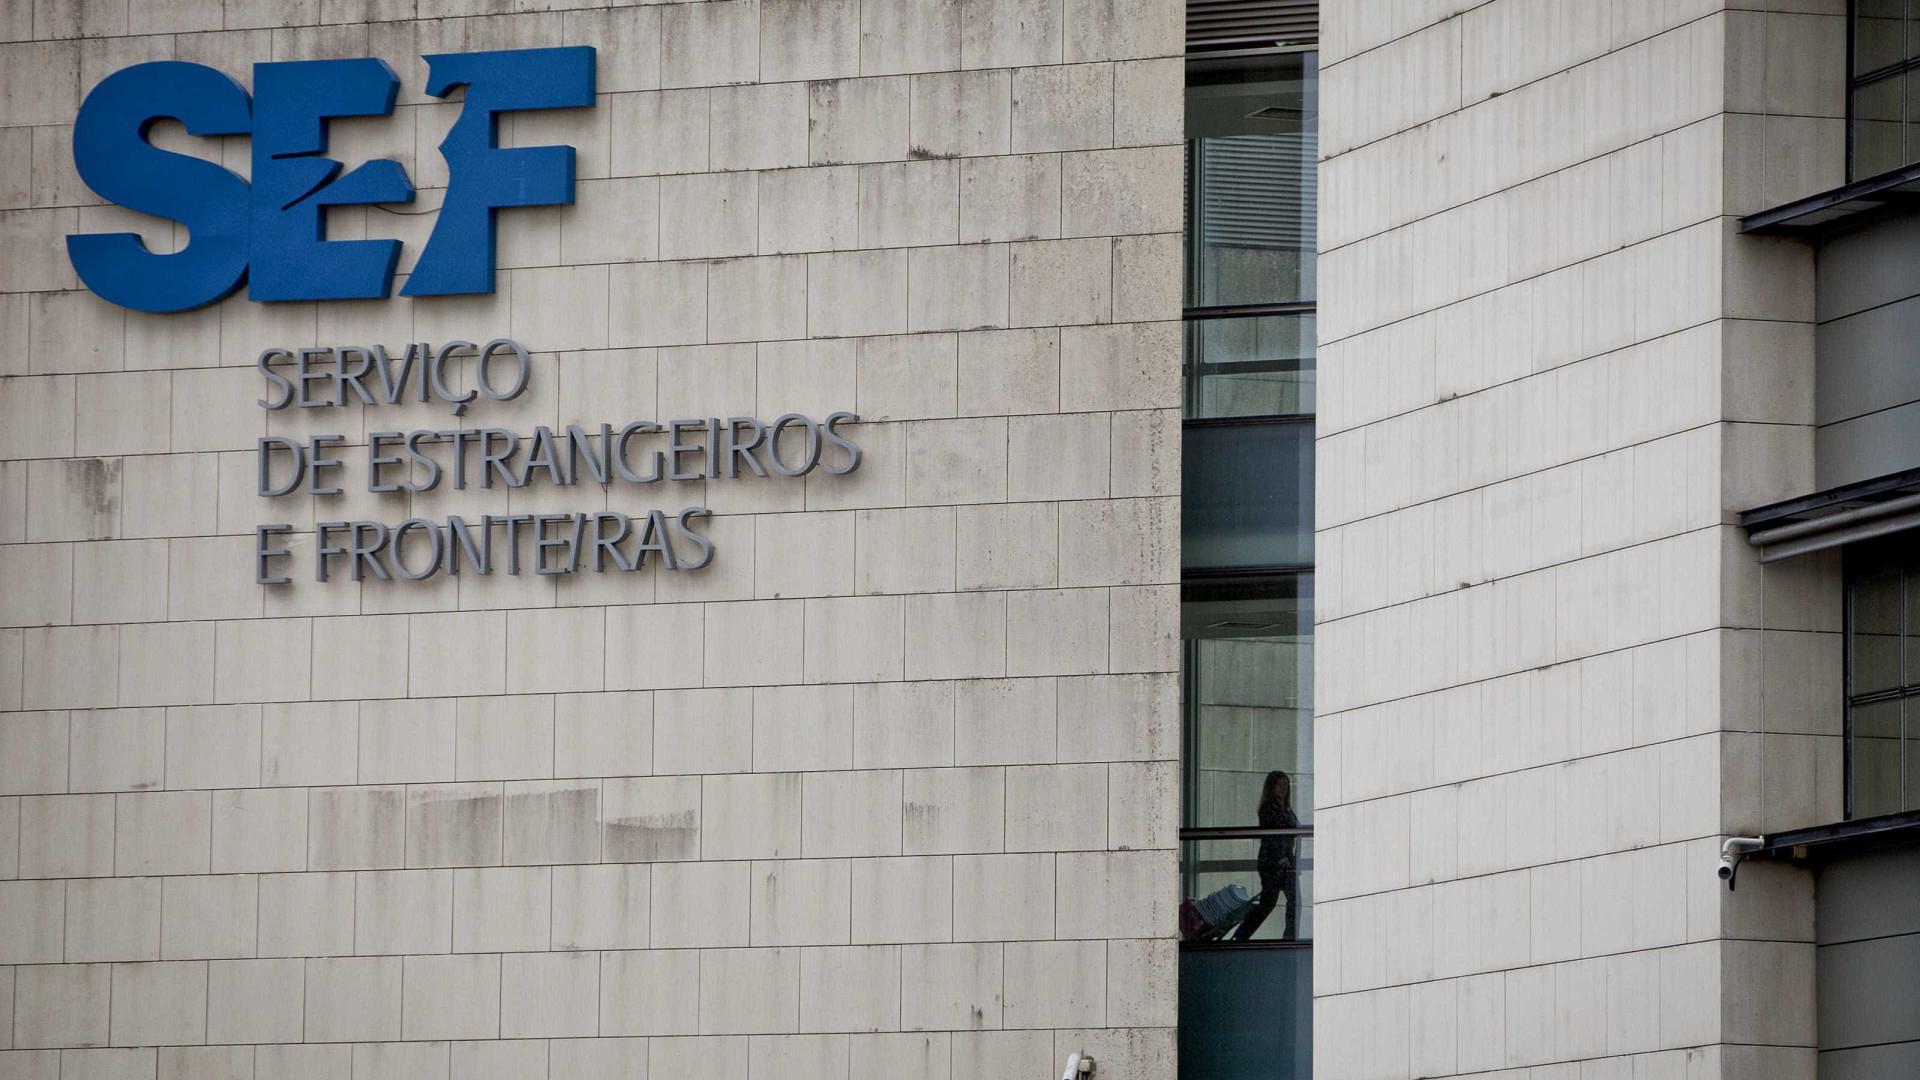 Vistos gold: Investimento sobe 60% em maio para 73,6 milhões de euros